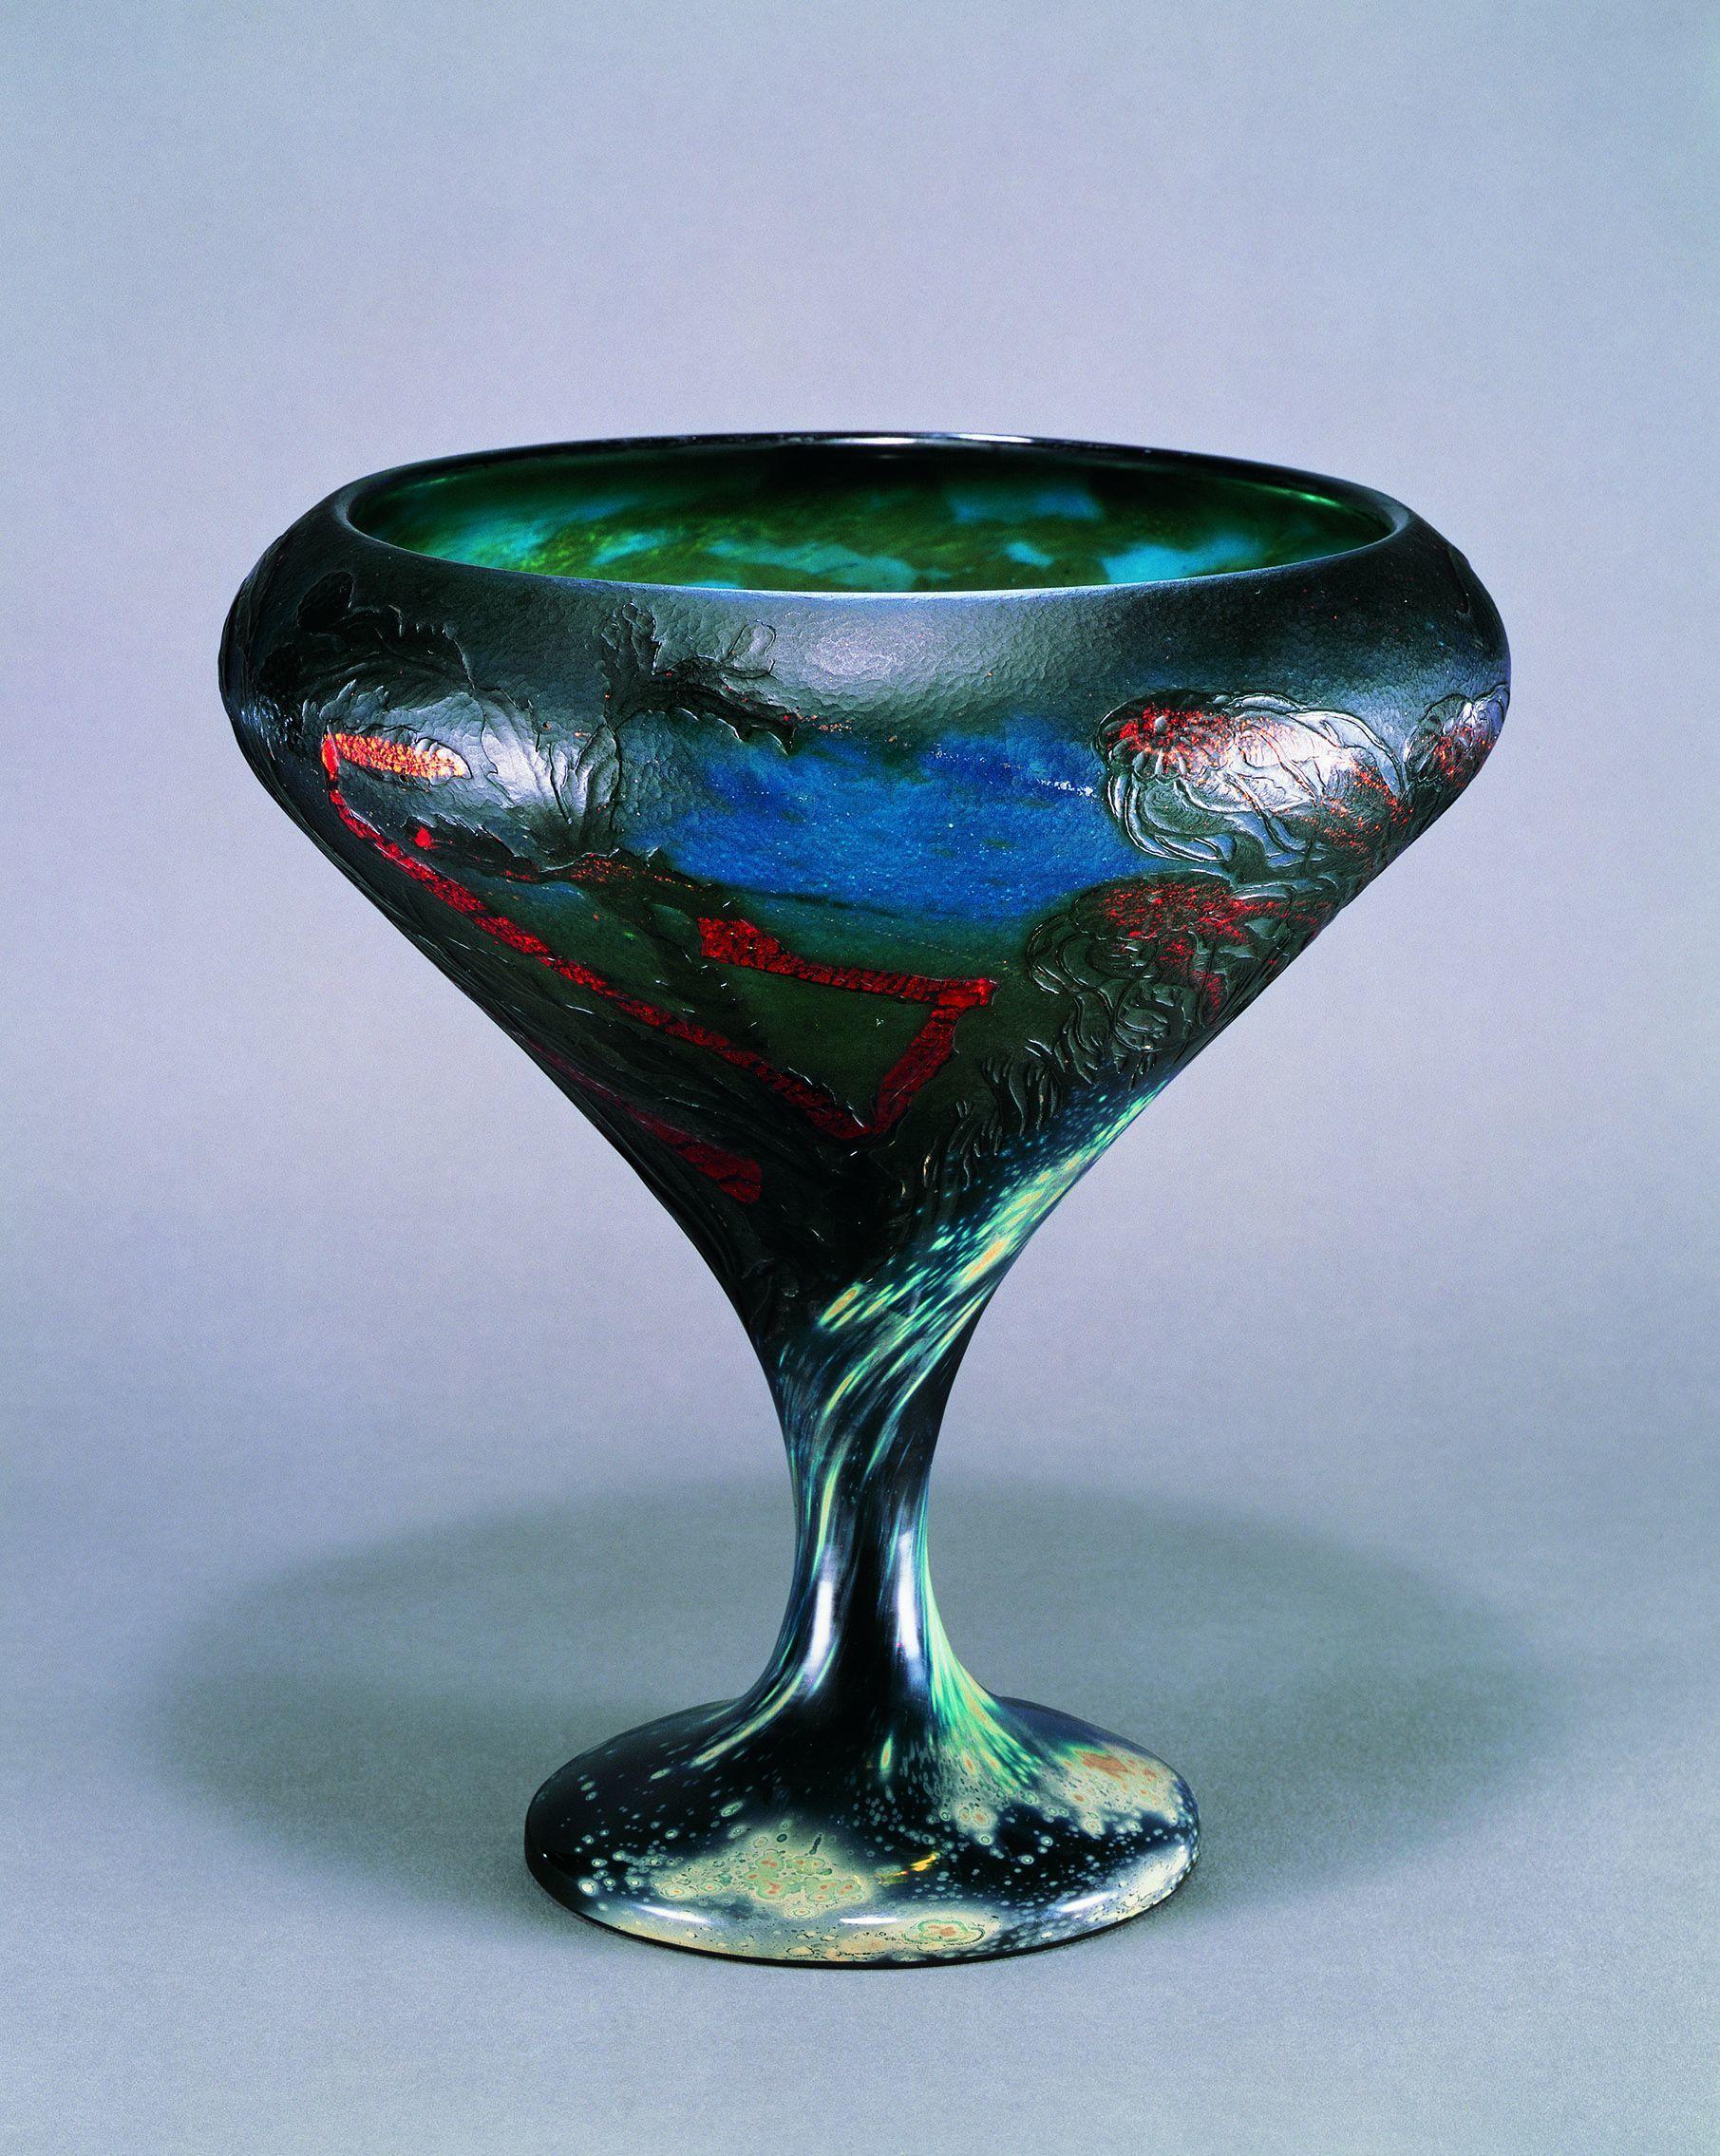 《くらげ文大杯》1898-1900年 サントリー美術館蔵(菊地コレクション)(C)TAKESHI FUJIMORI